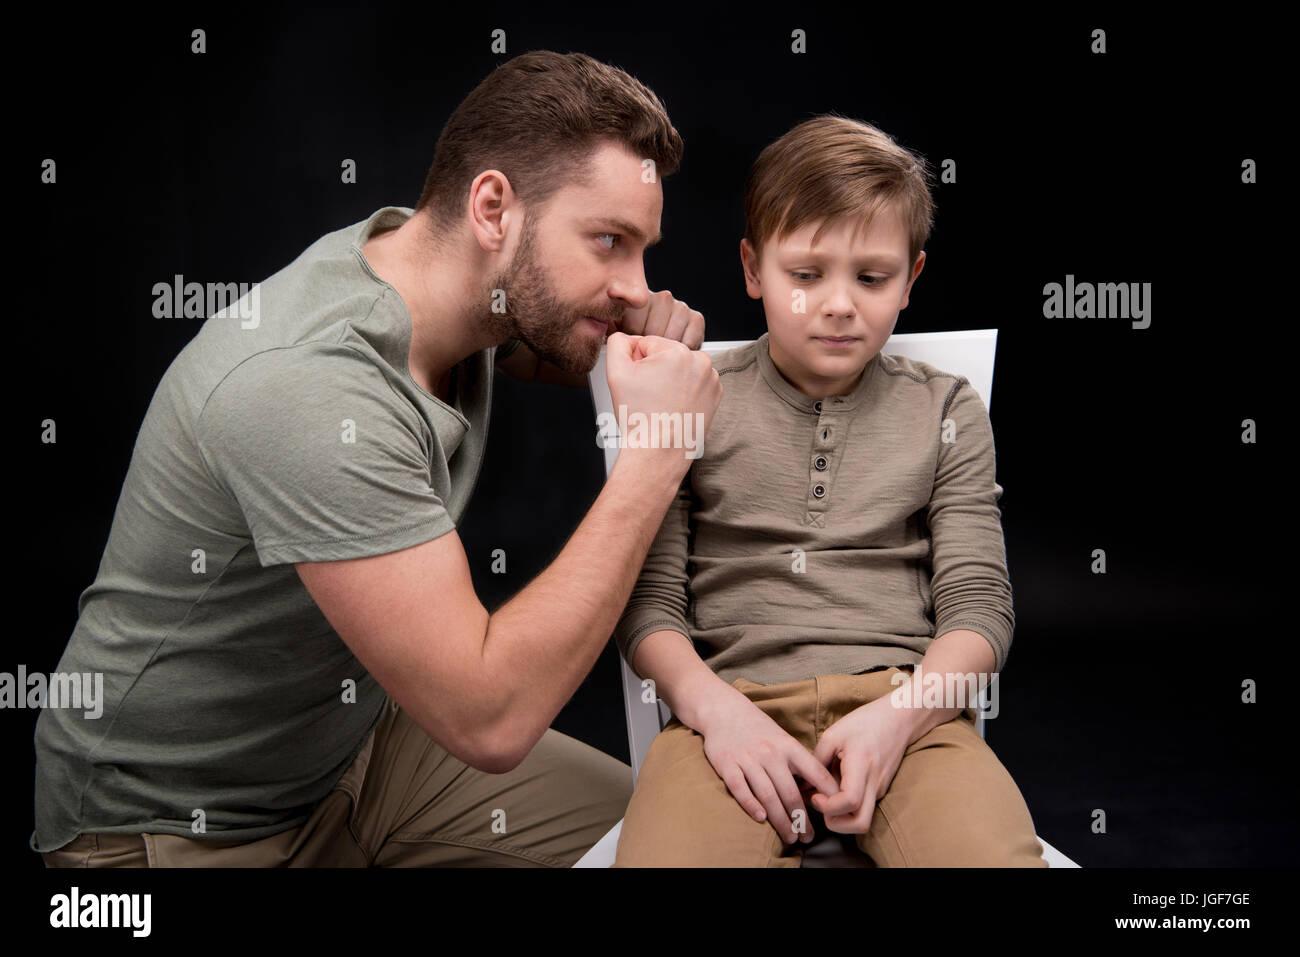 Wütende Vater bedroht und Gestikulieren, Angst vor kleinen Sohn sitzen auf Stuhl, Familienprobleme Konzept Stockbild